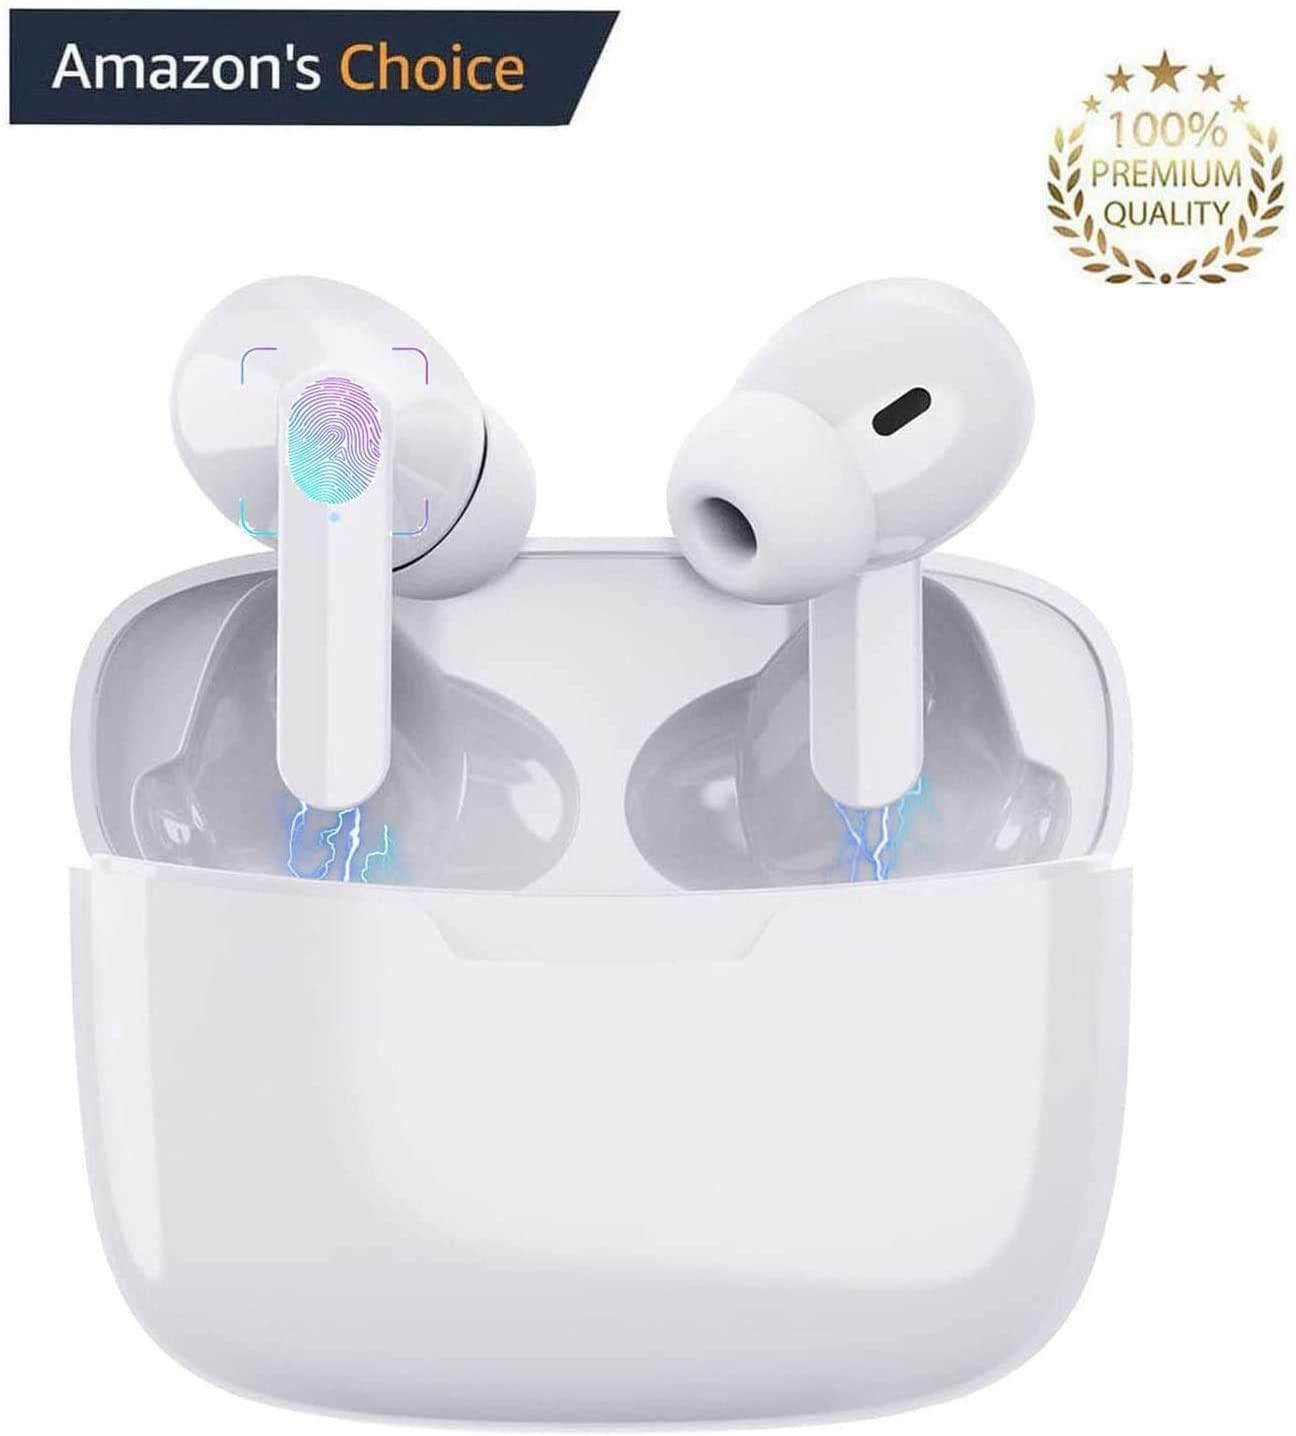 Bluetooth 5.0 In-Ear Kopfhörer, wassergeschützt, Noise-Cancelling in weiß nur 19,99 Euro inkl. Versand